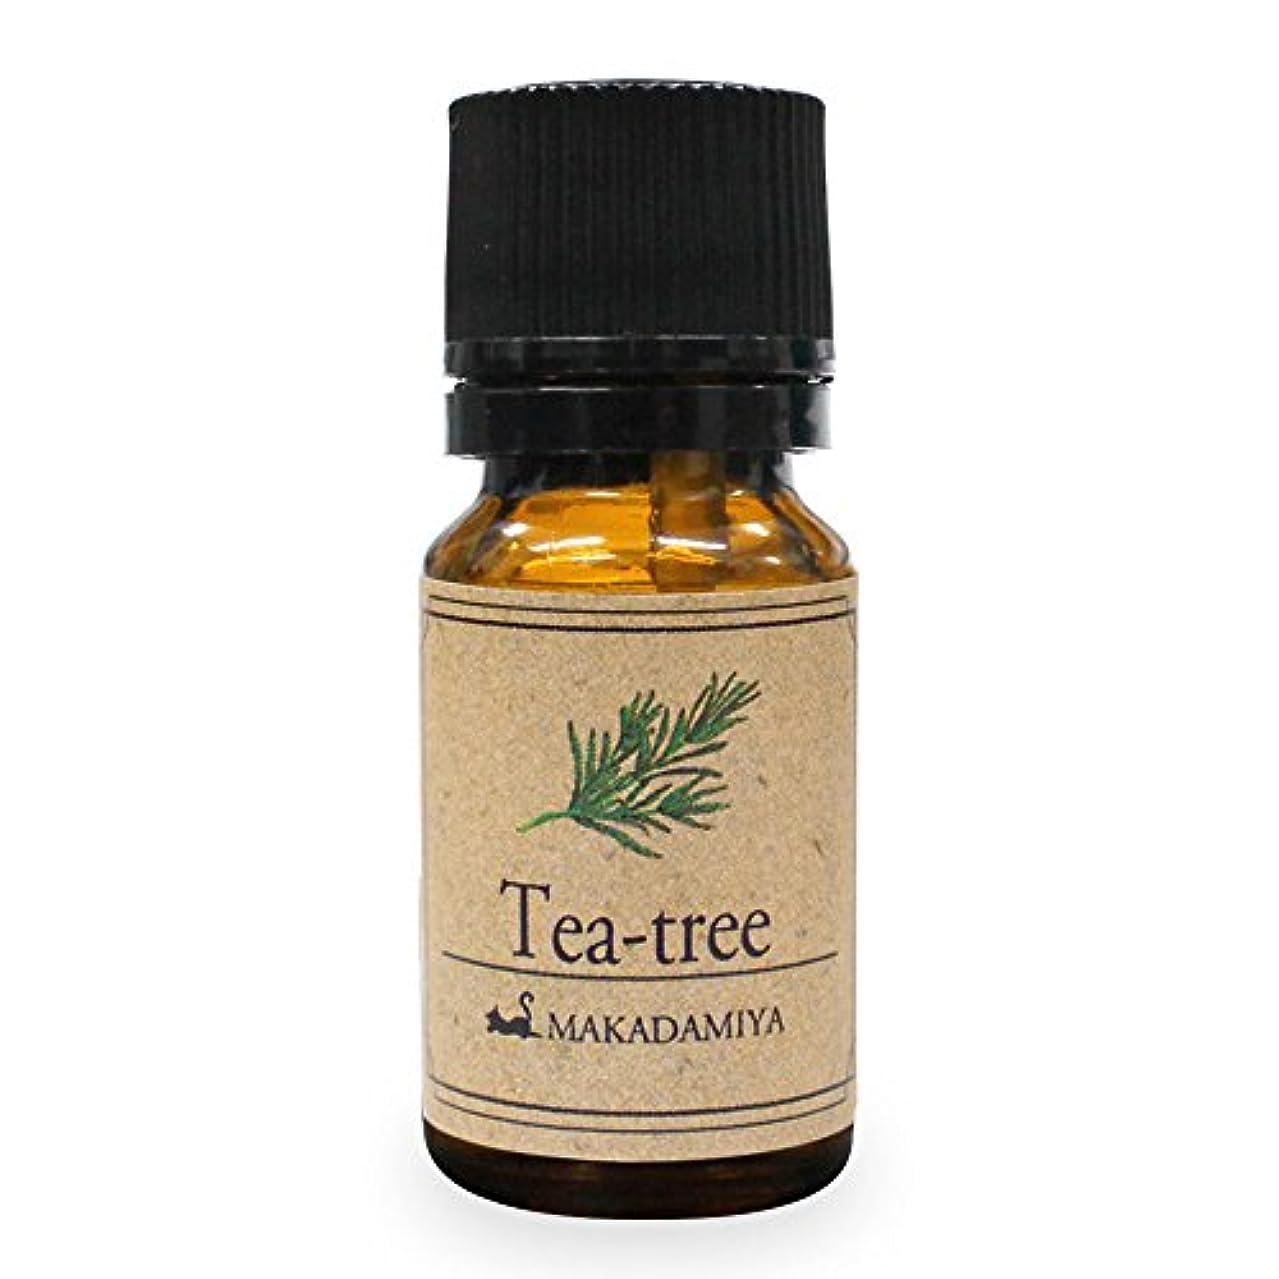 漏れ傾いたデジタルティーツリー10ml 天然100%植物性 エッセンシャルオイル(精油) アロマオイル アロママッサージ aroma Tea-tree